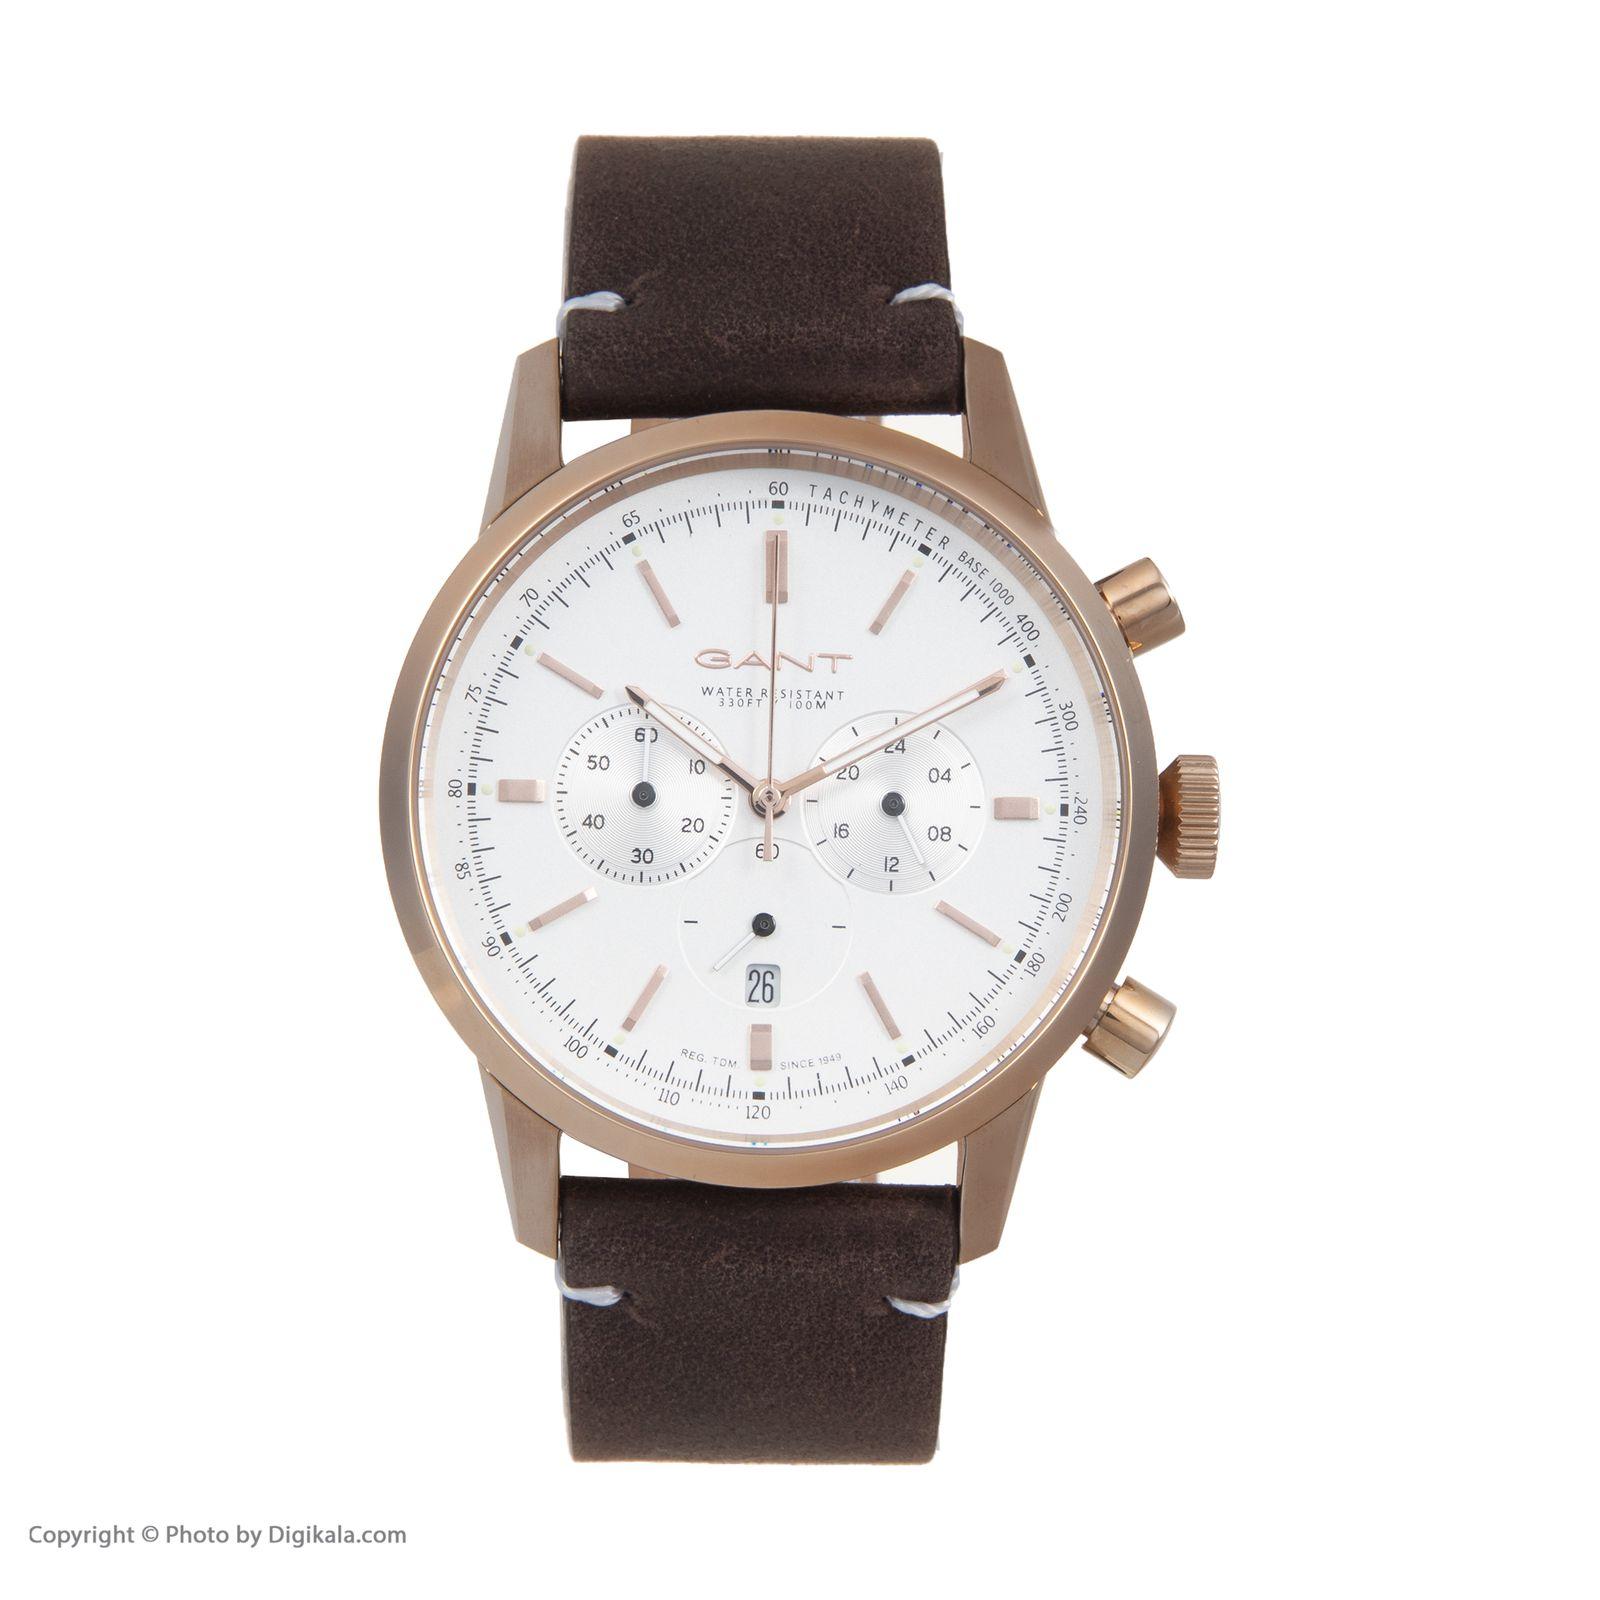 ساعت مچی عقربه ای مردانه گنت مدل GWW064003 -  - 3